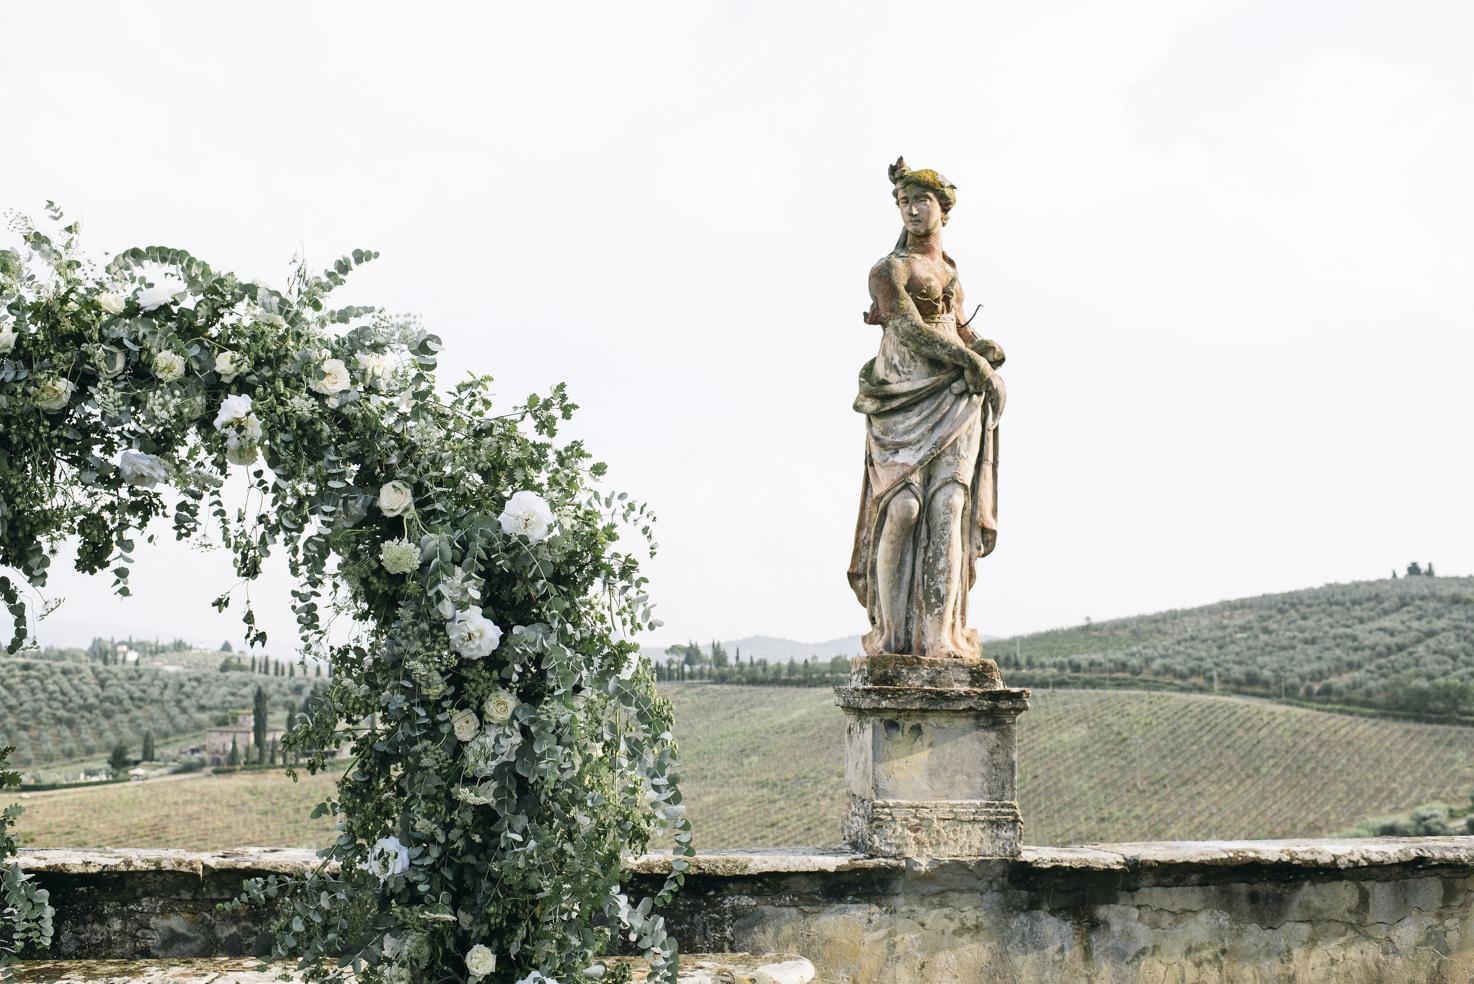 Flower arch for Italian wedding